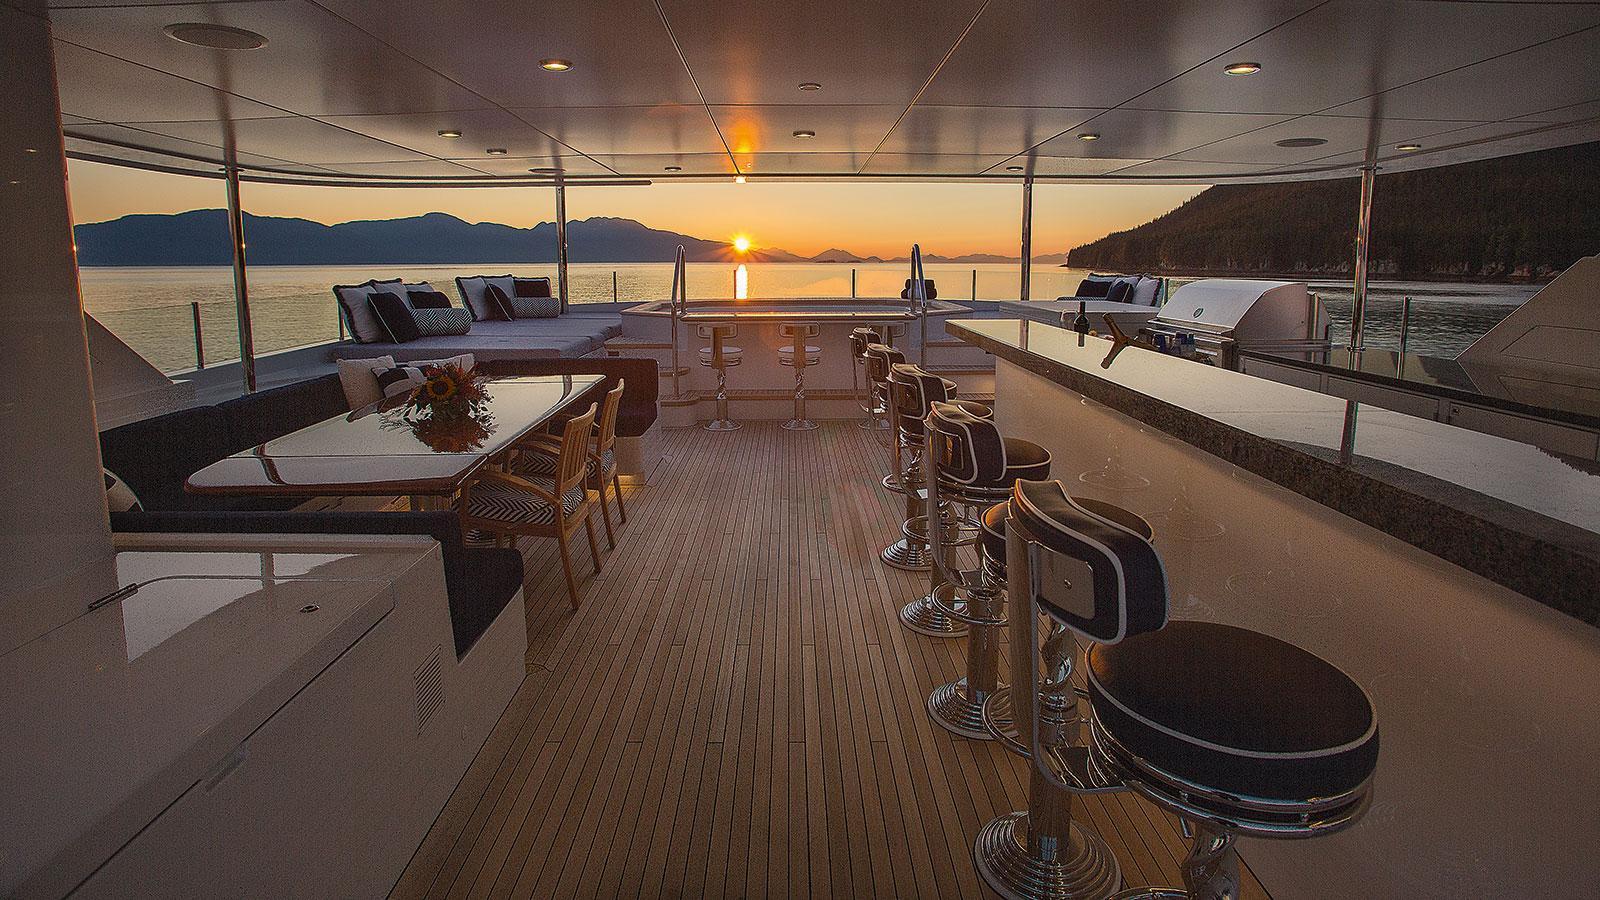 d-natalin-iv-expedition-yacht-christensen-2014-49m-bar